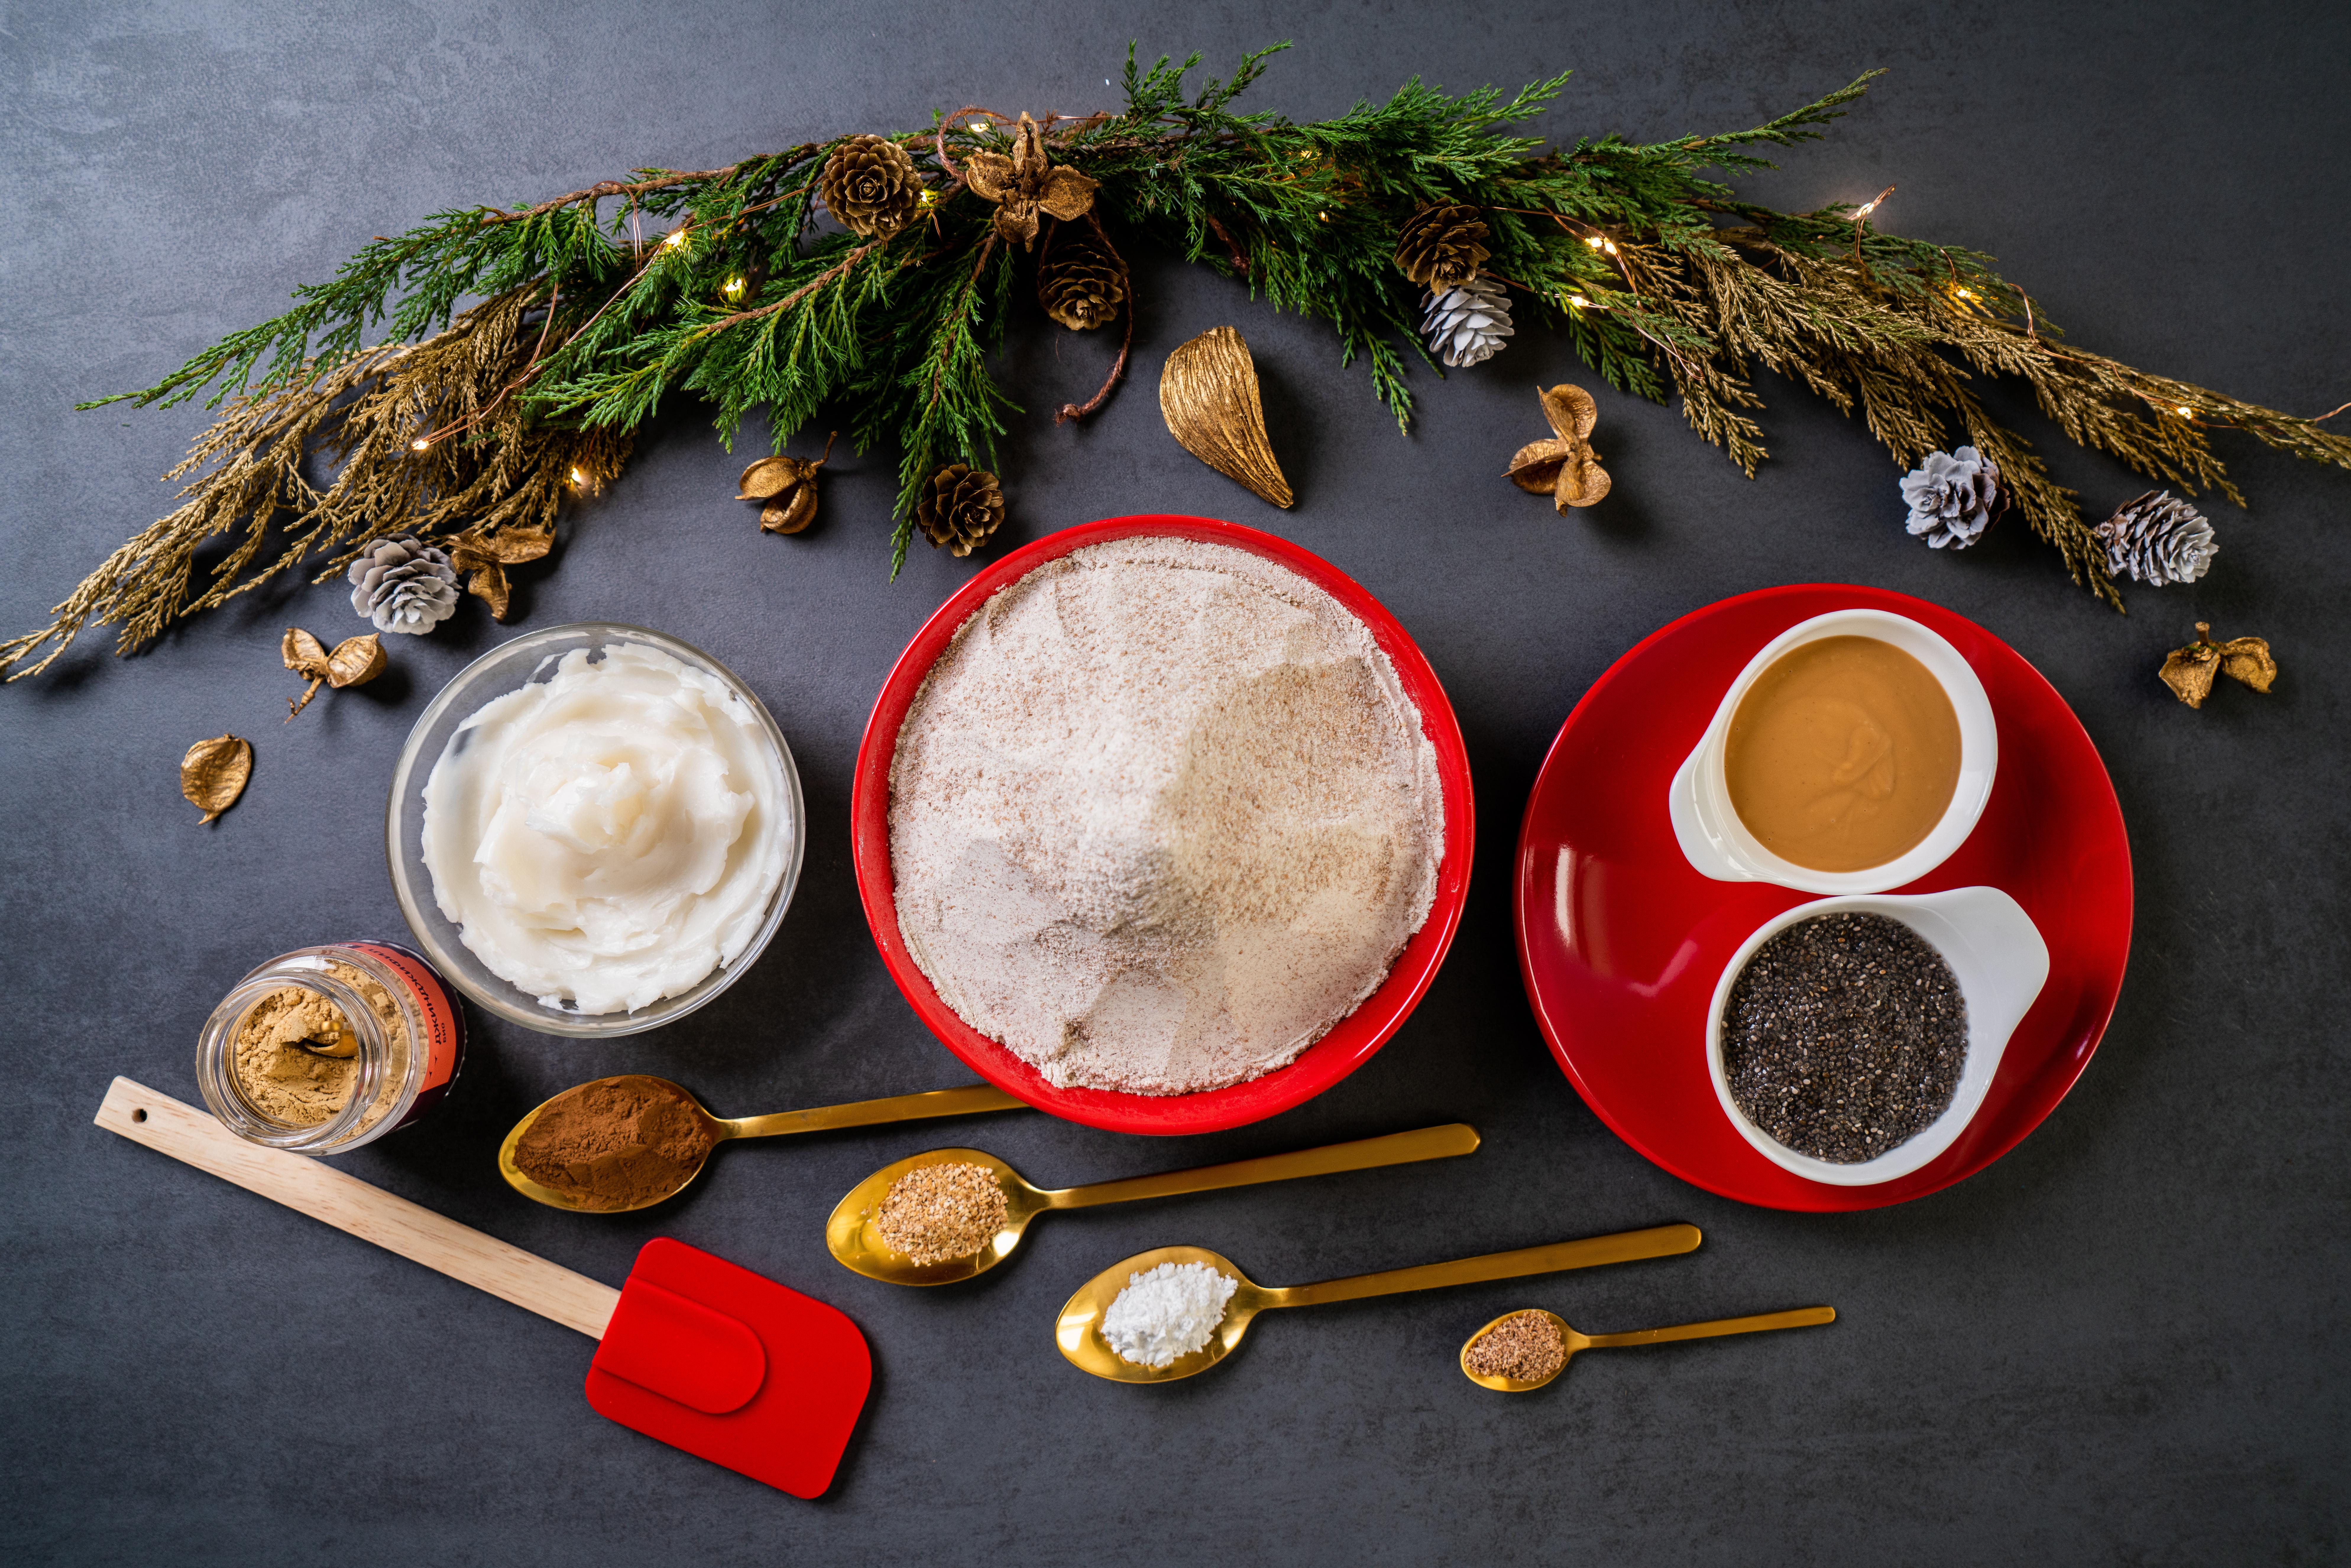 fotos de recetas para navidad, dulces típicos para navidad, como hacer recetas de jengibre fáciles y rápidas, recetas originales